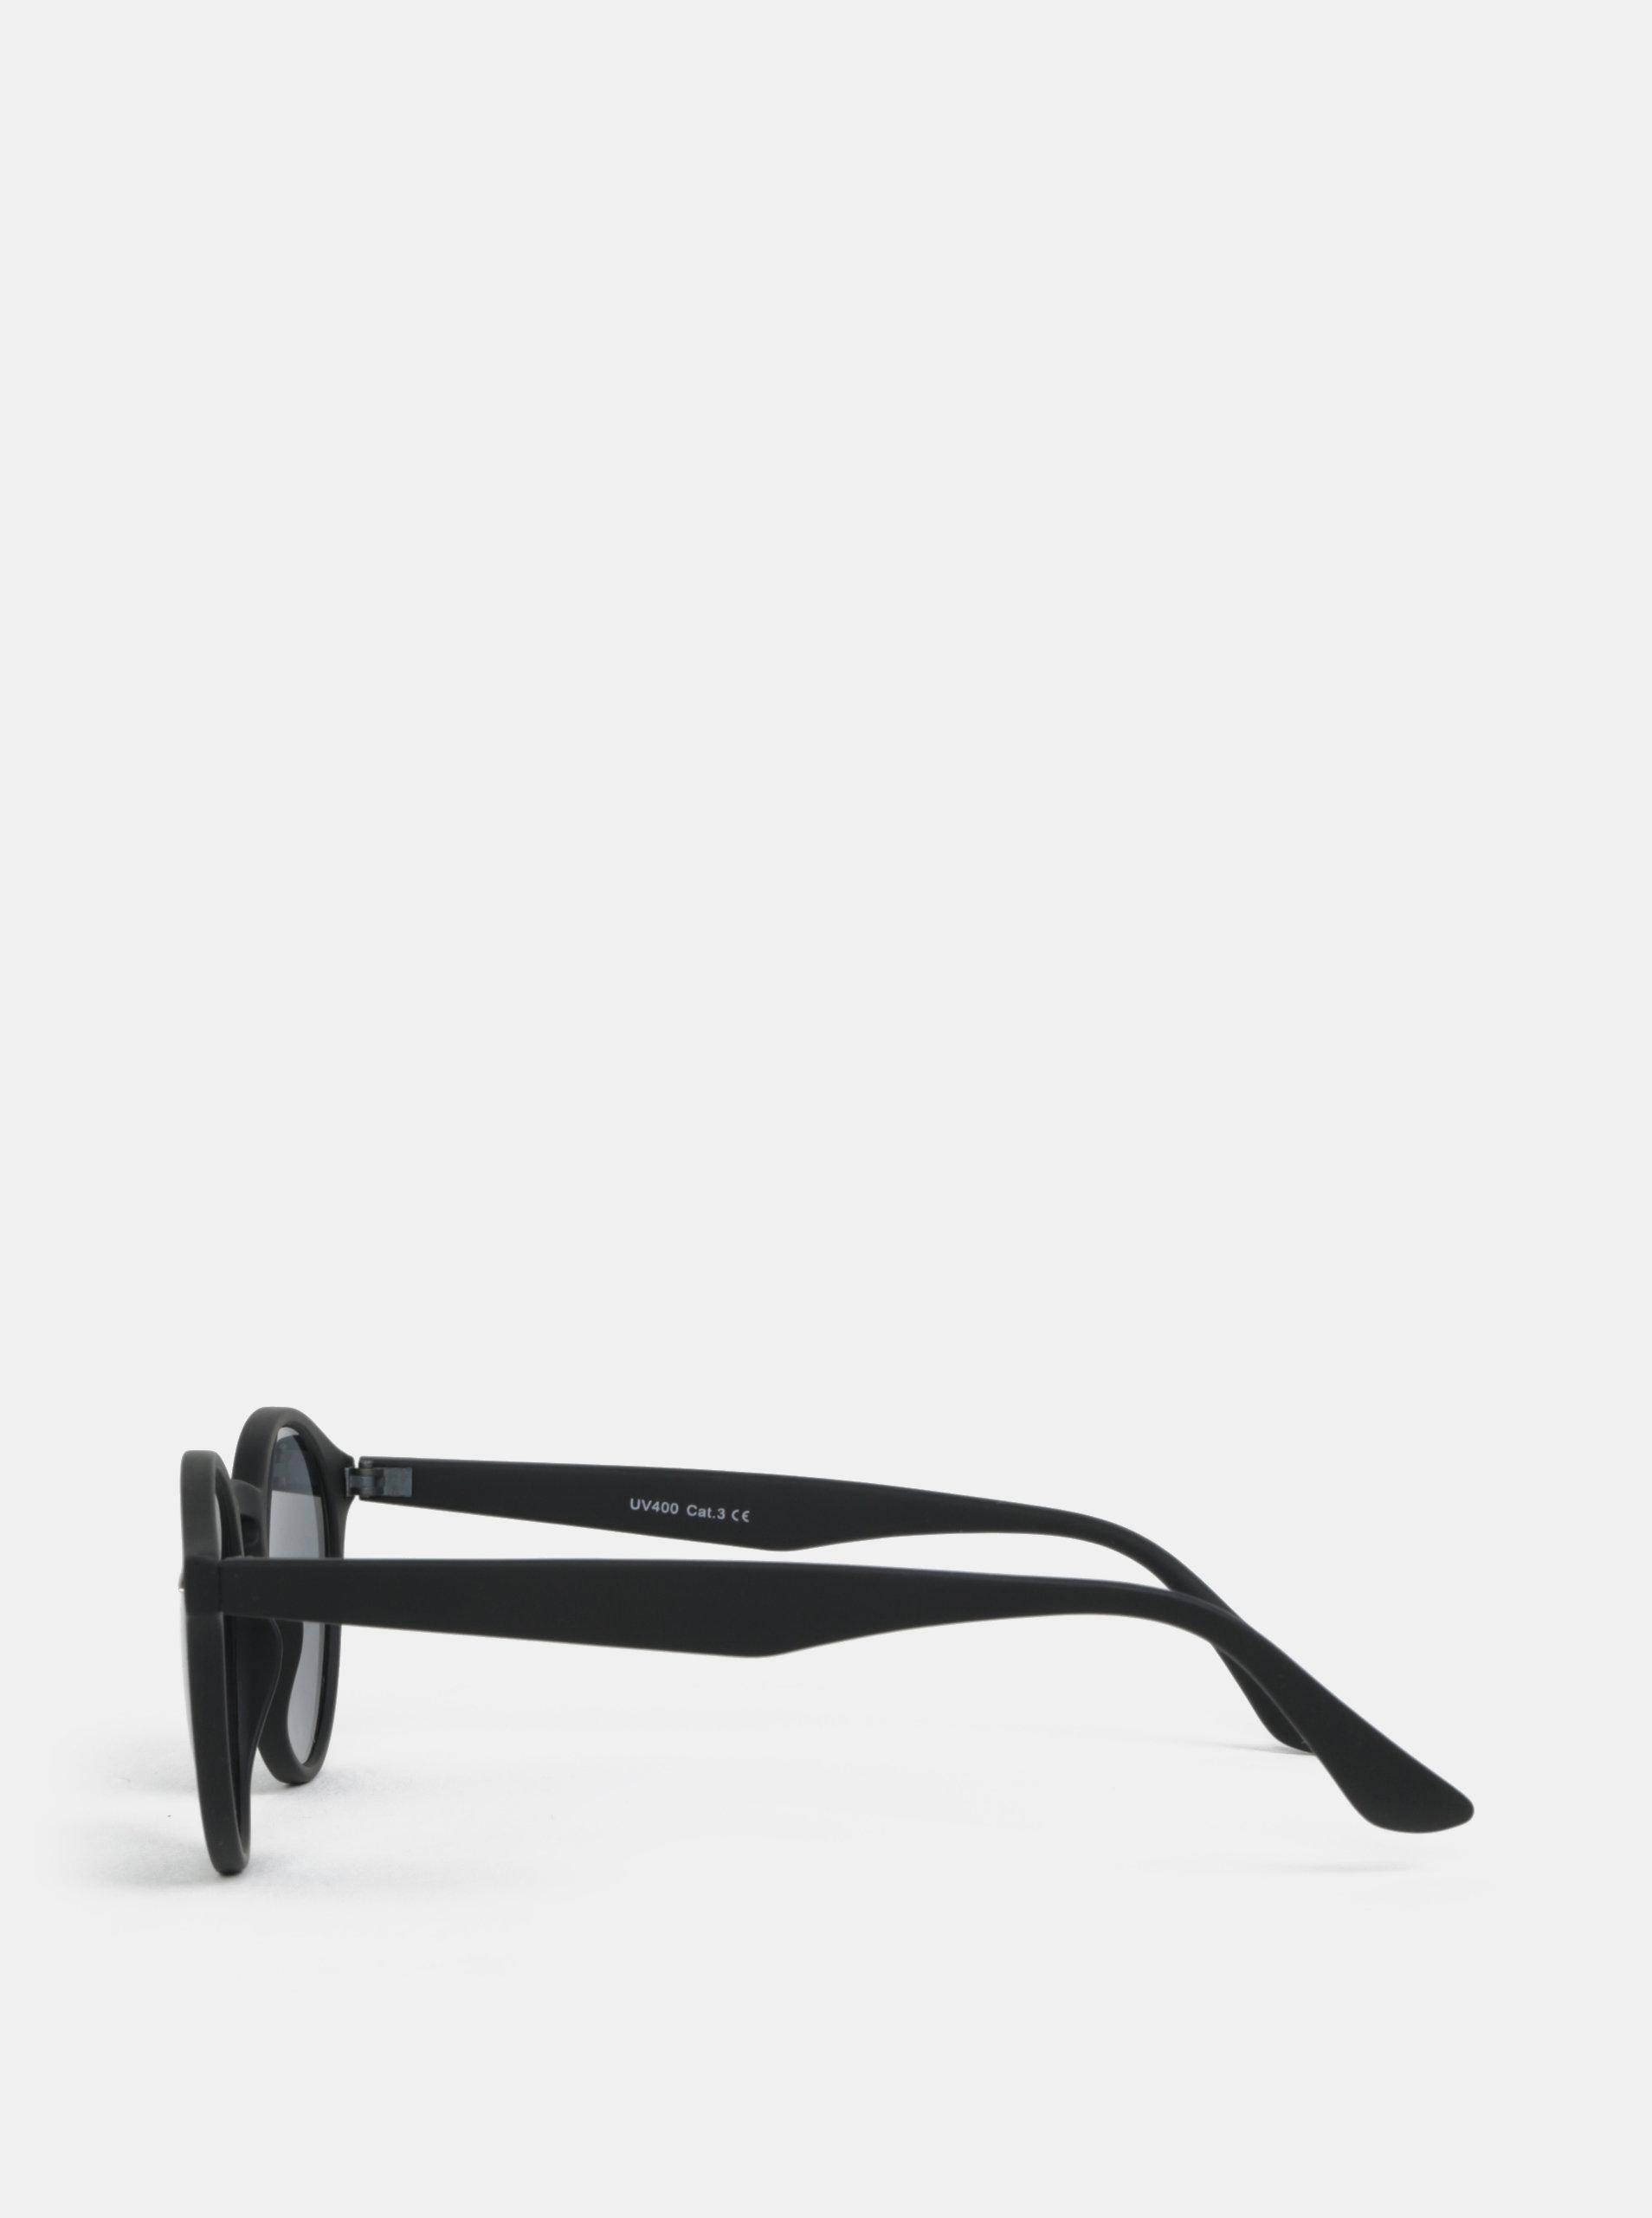 Čierne okrúhle slnečné okuliare s detailmi ONLY   SONS Display ... 2cea3f52e79